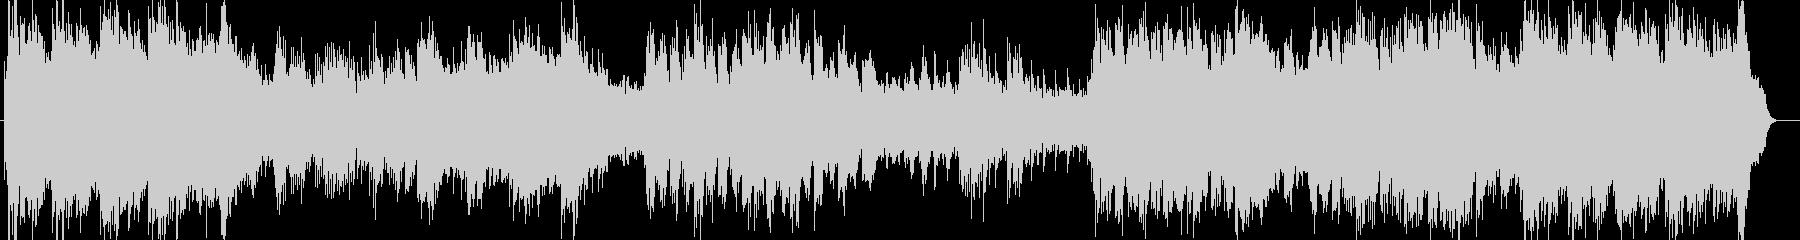 ピアノ中心の壮大なバラードの未再生の波形